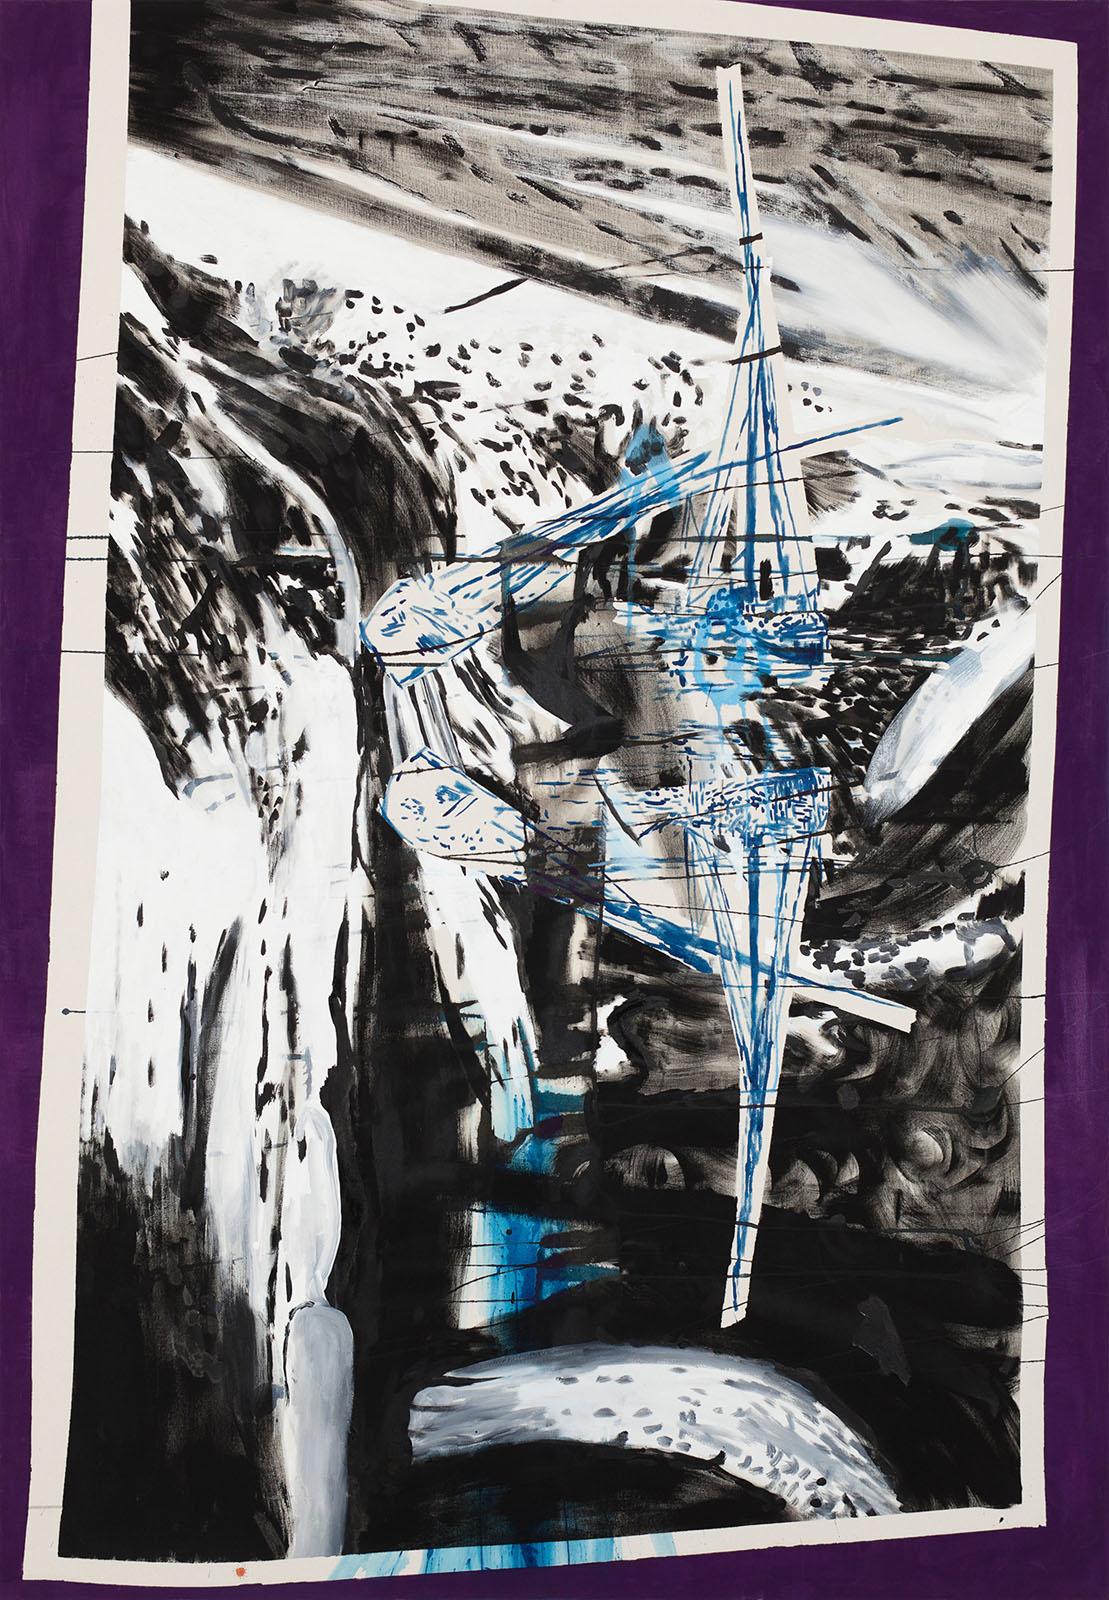 """o.T. aus """"Wenig Zeit zwischen zwei Fingern"""", 2013, 200 x 140 cm, Mischtechnik auf Leinwand"""